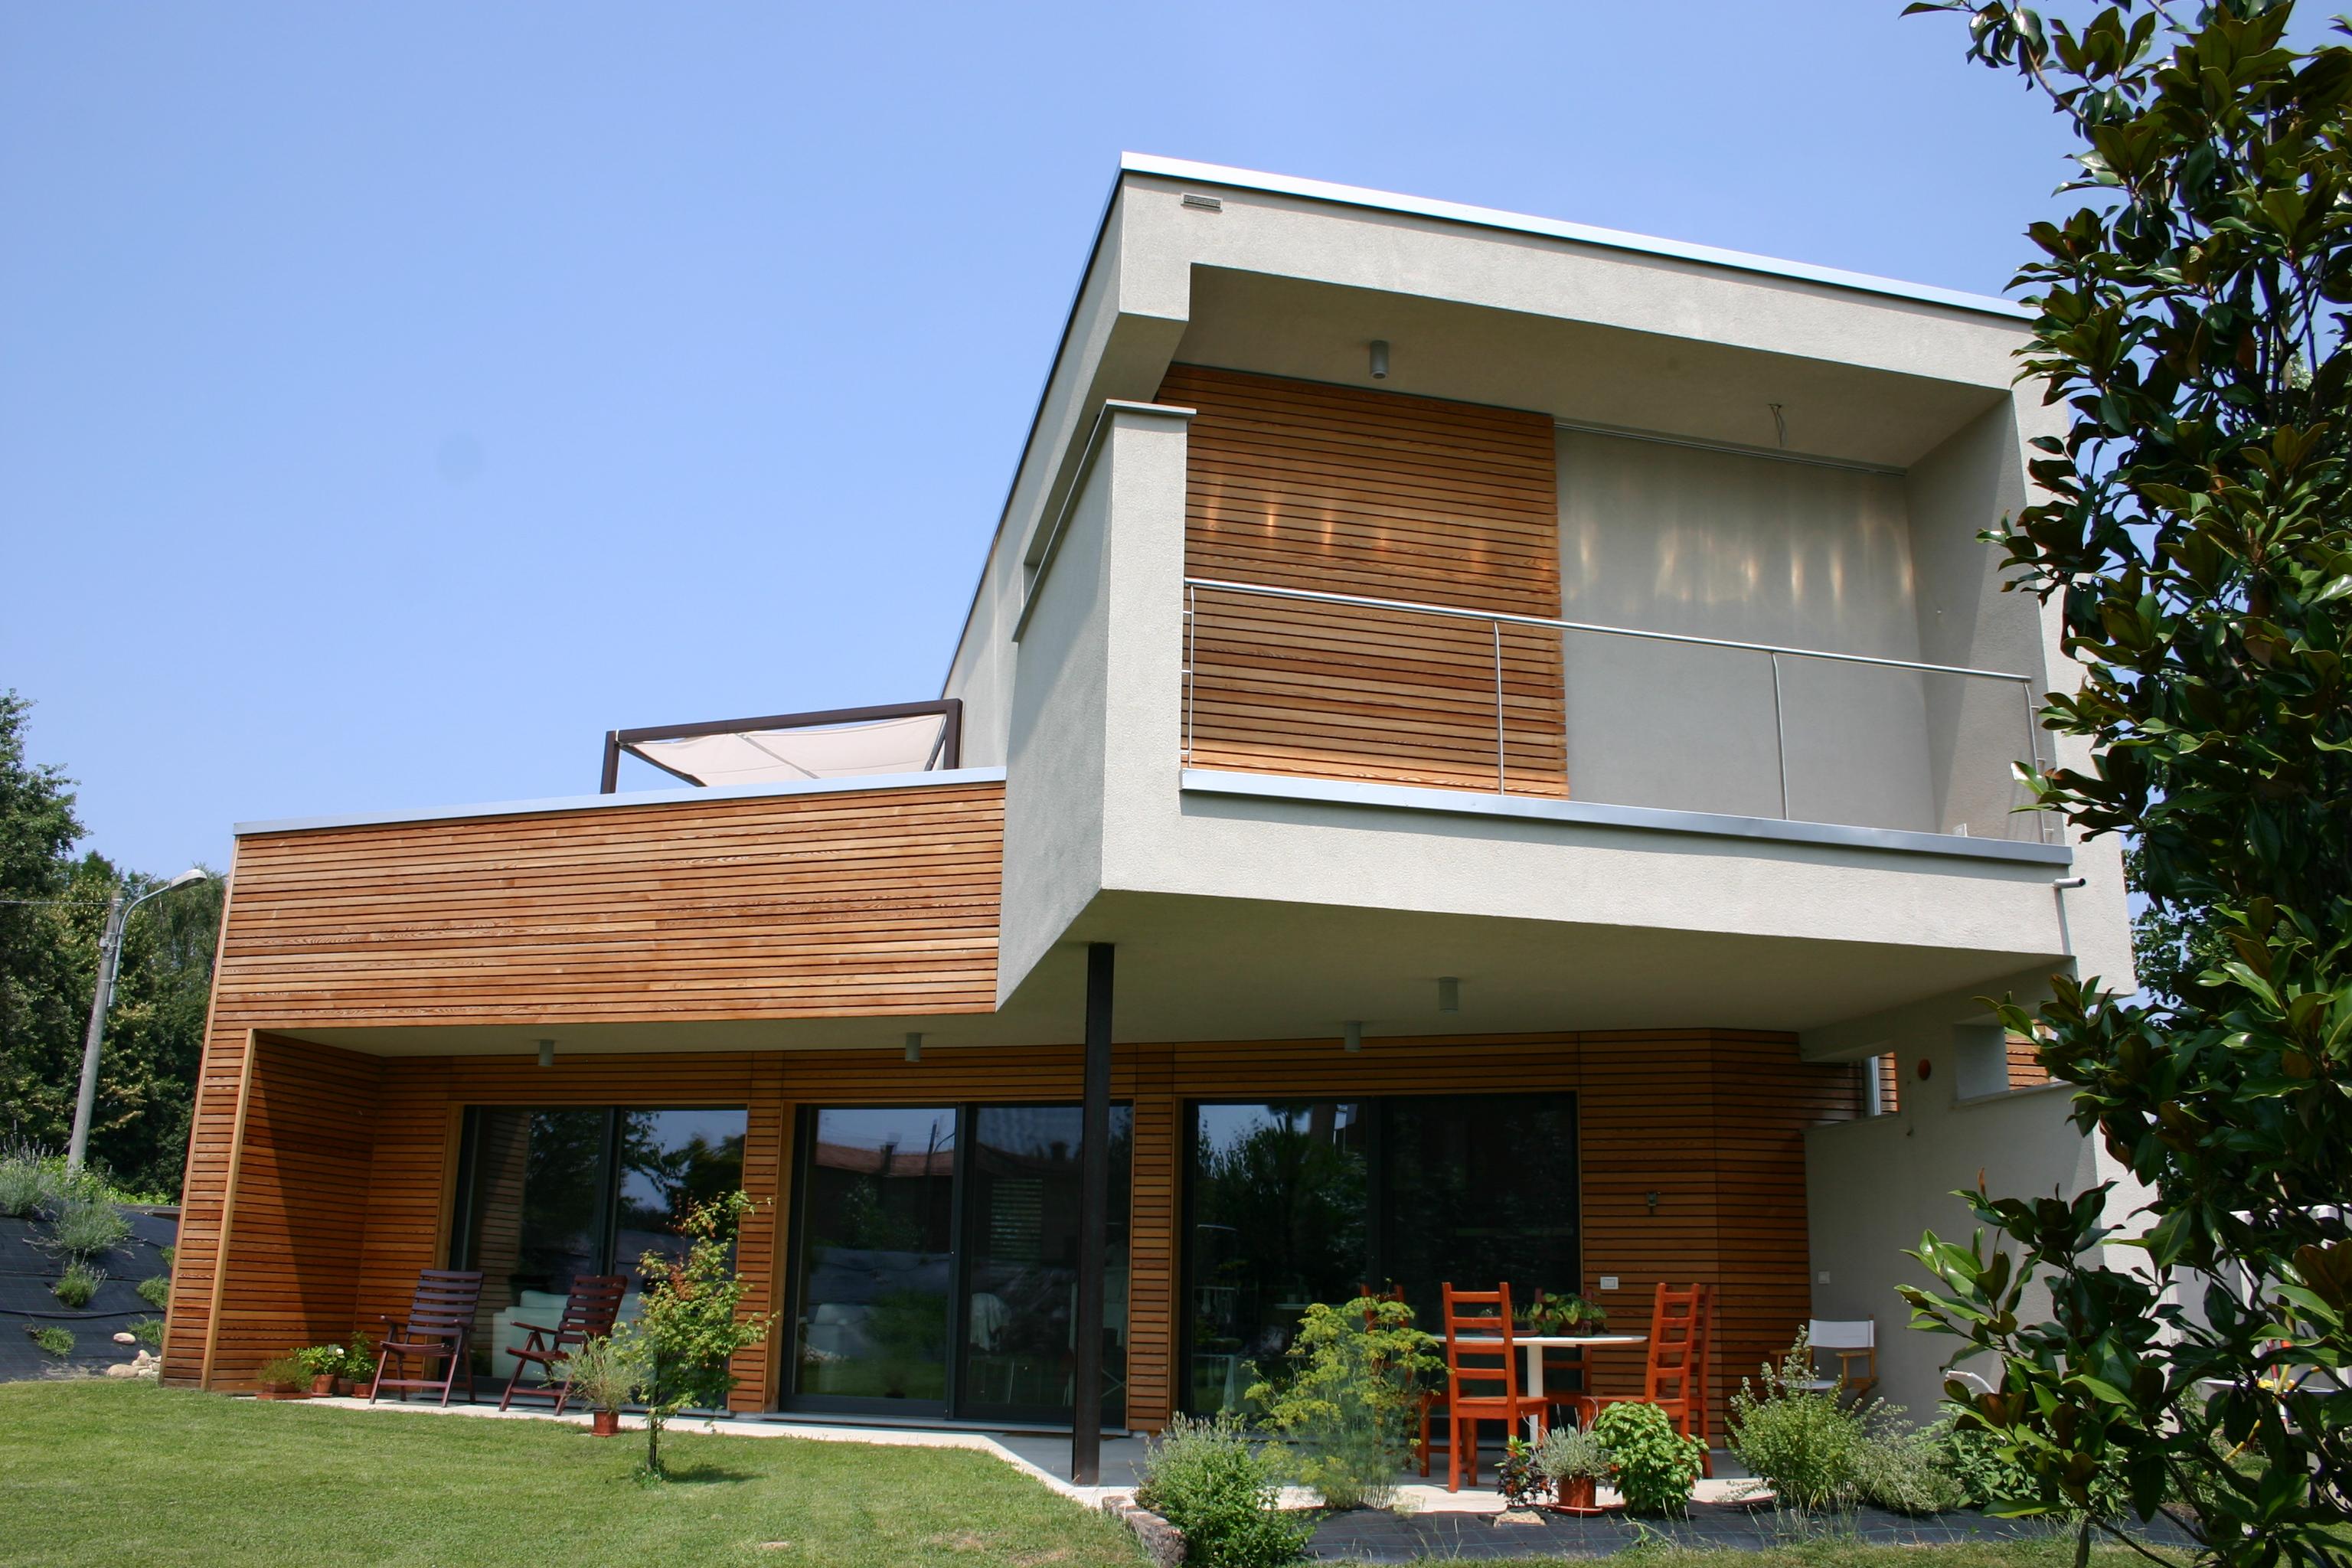 Mossotti 1 by habicherholzbau for Costruzioni in legno